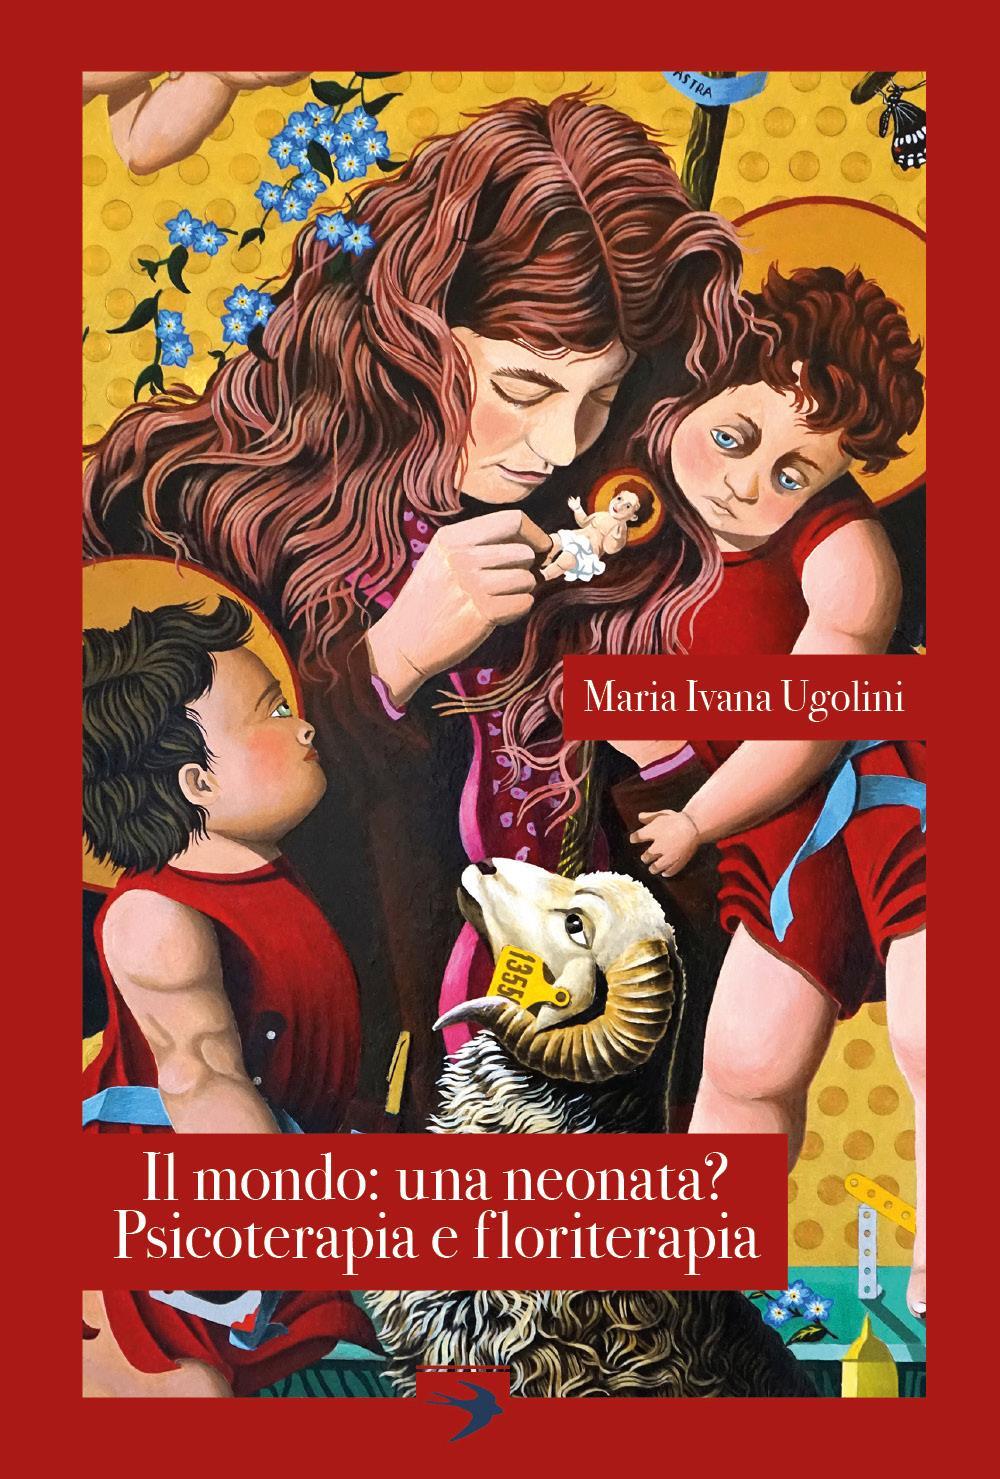 Il mondo: una neonata? Psicoterapia e floriterapia